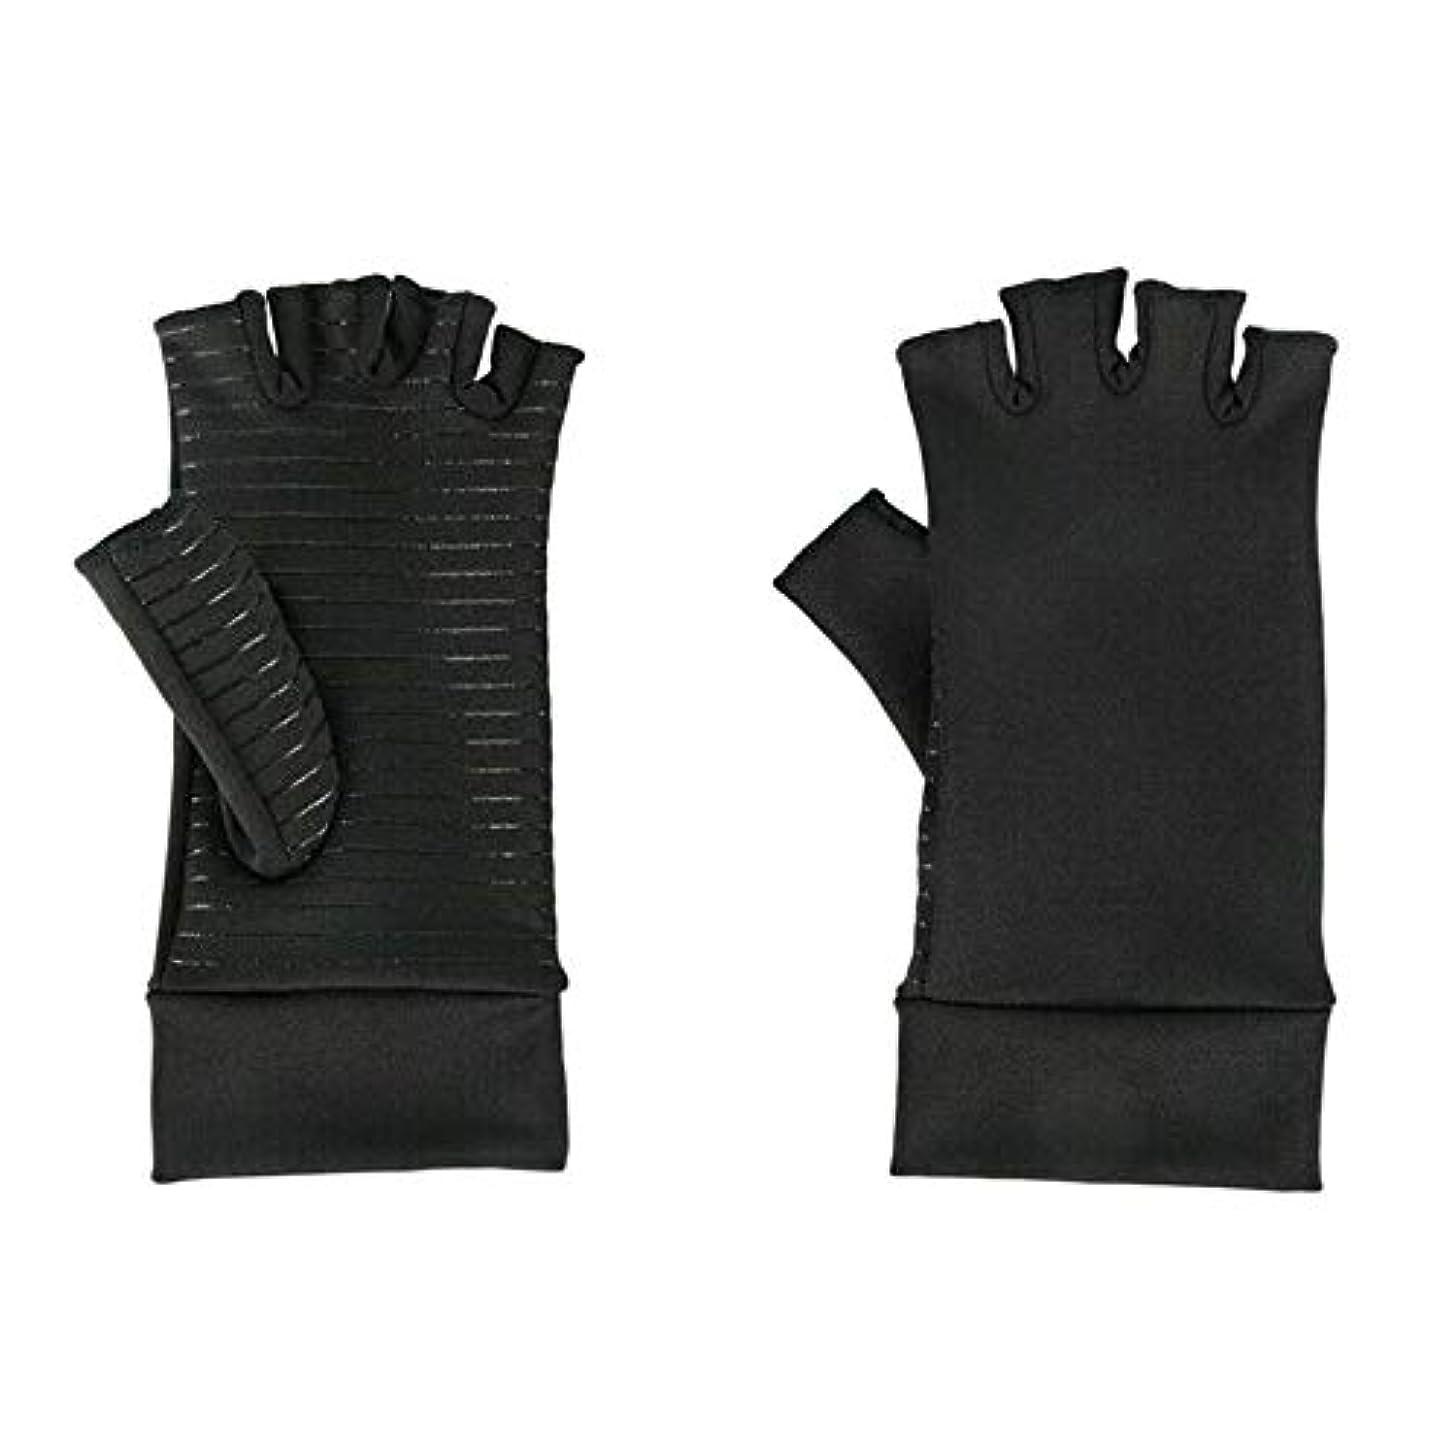 読書をする鎖宙返りACAMPTAR 圧縮手袋、関節炎、手根管、手首の装具、サポート、S